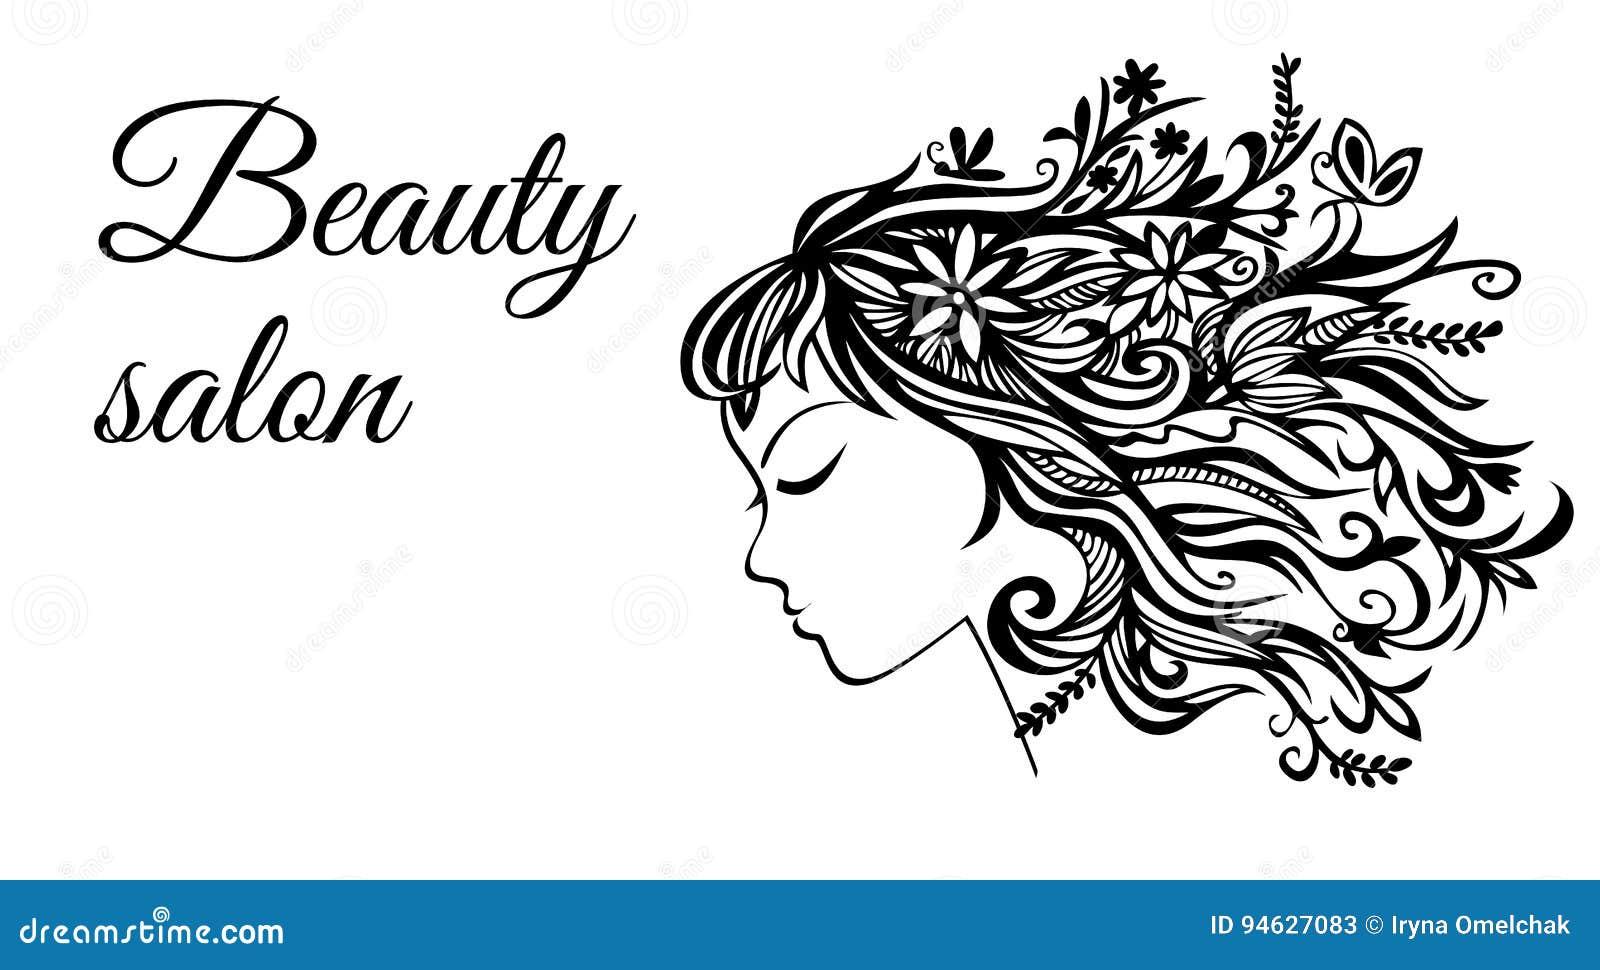 Το πρότυπο για το θηλυκό σαλόνι ομορφιάς Παρουσιάζει ένα σχεδιάγραμμα ενός κοριτσιού με την τρίχα φιαγμένη από λουλούδια